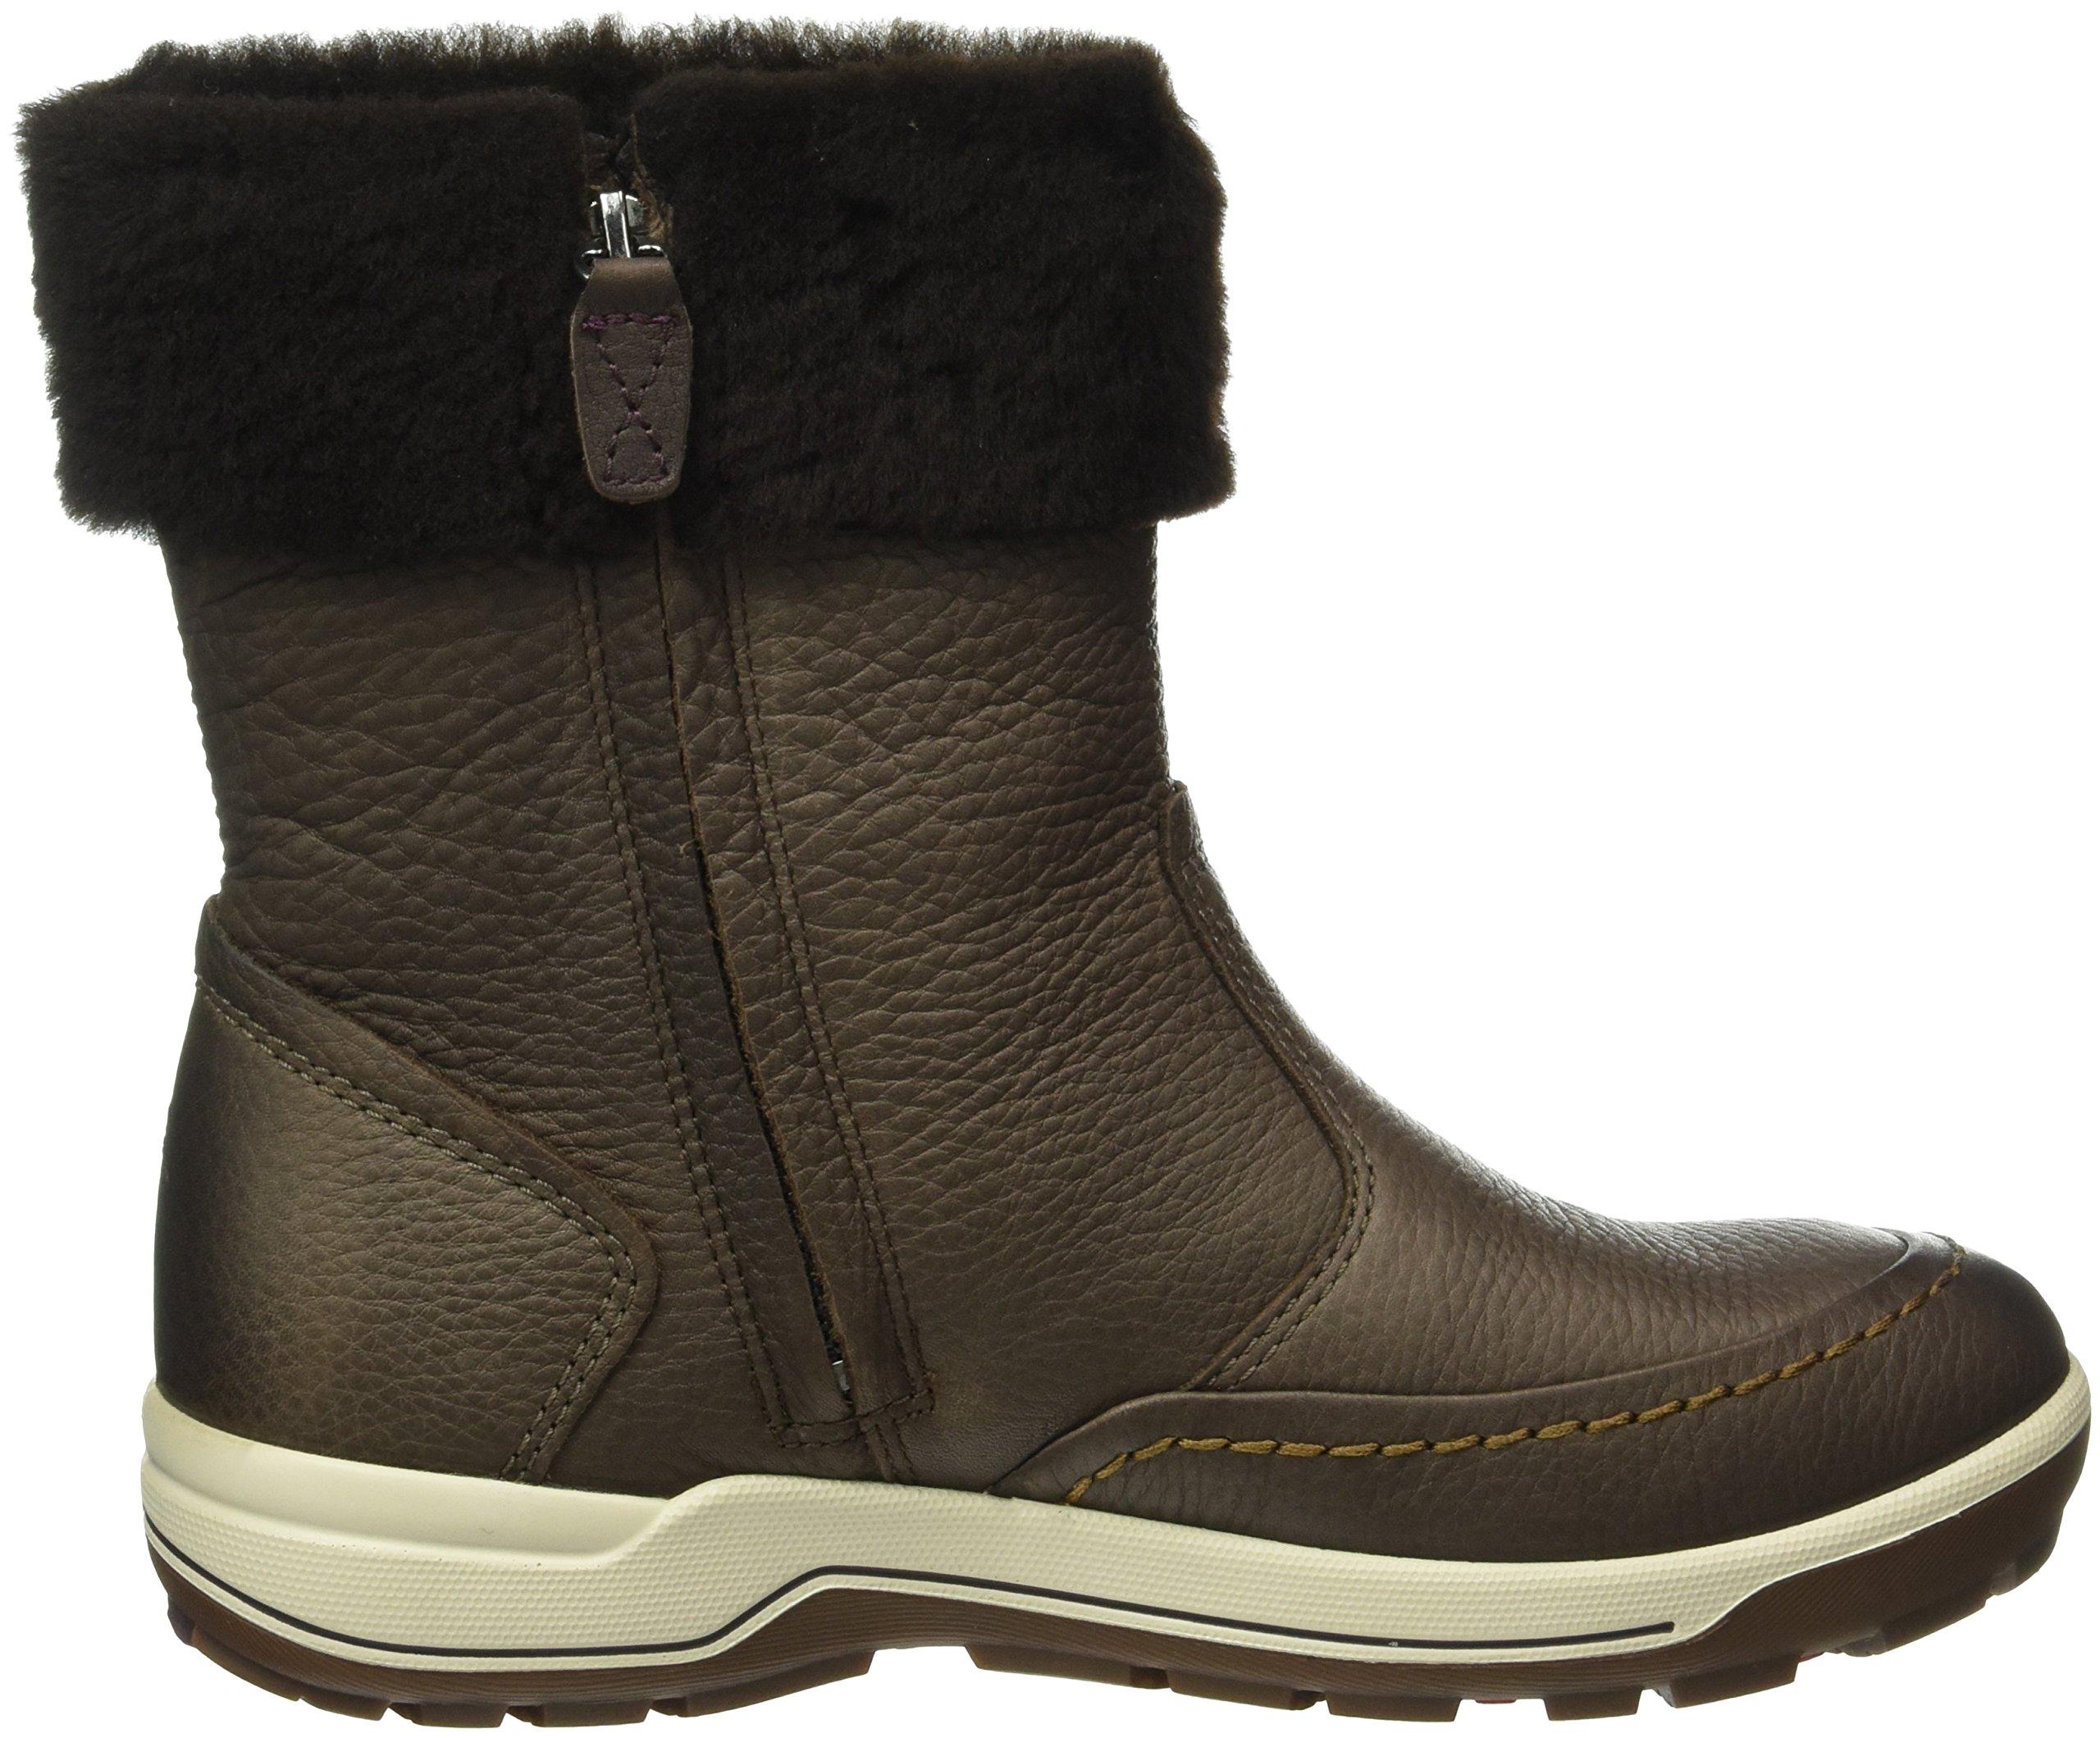 91dwnJo%2BL4L - ECCO Women's Trace Boot-w Multisport Outdoor Shoes